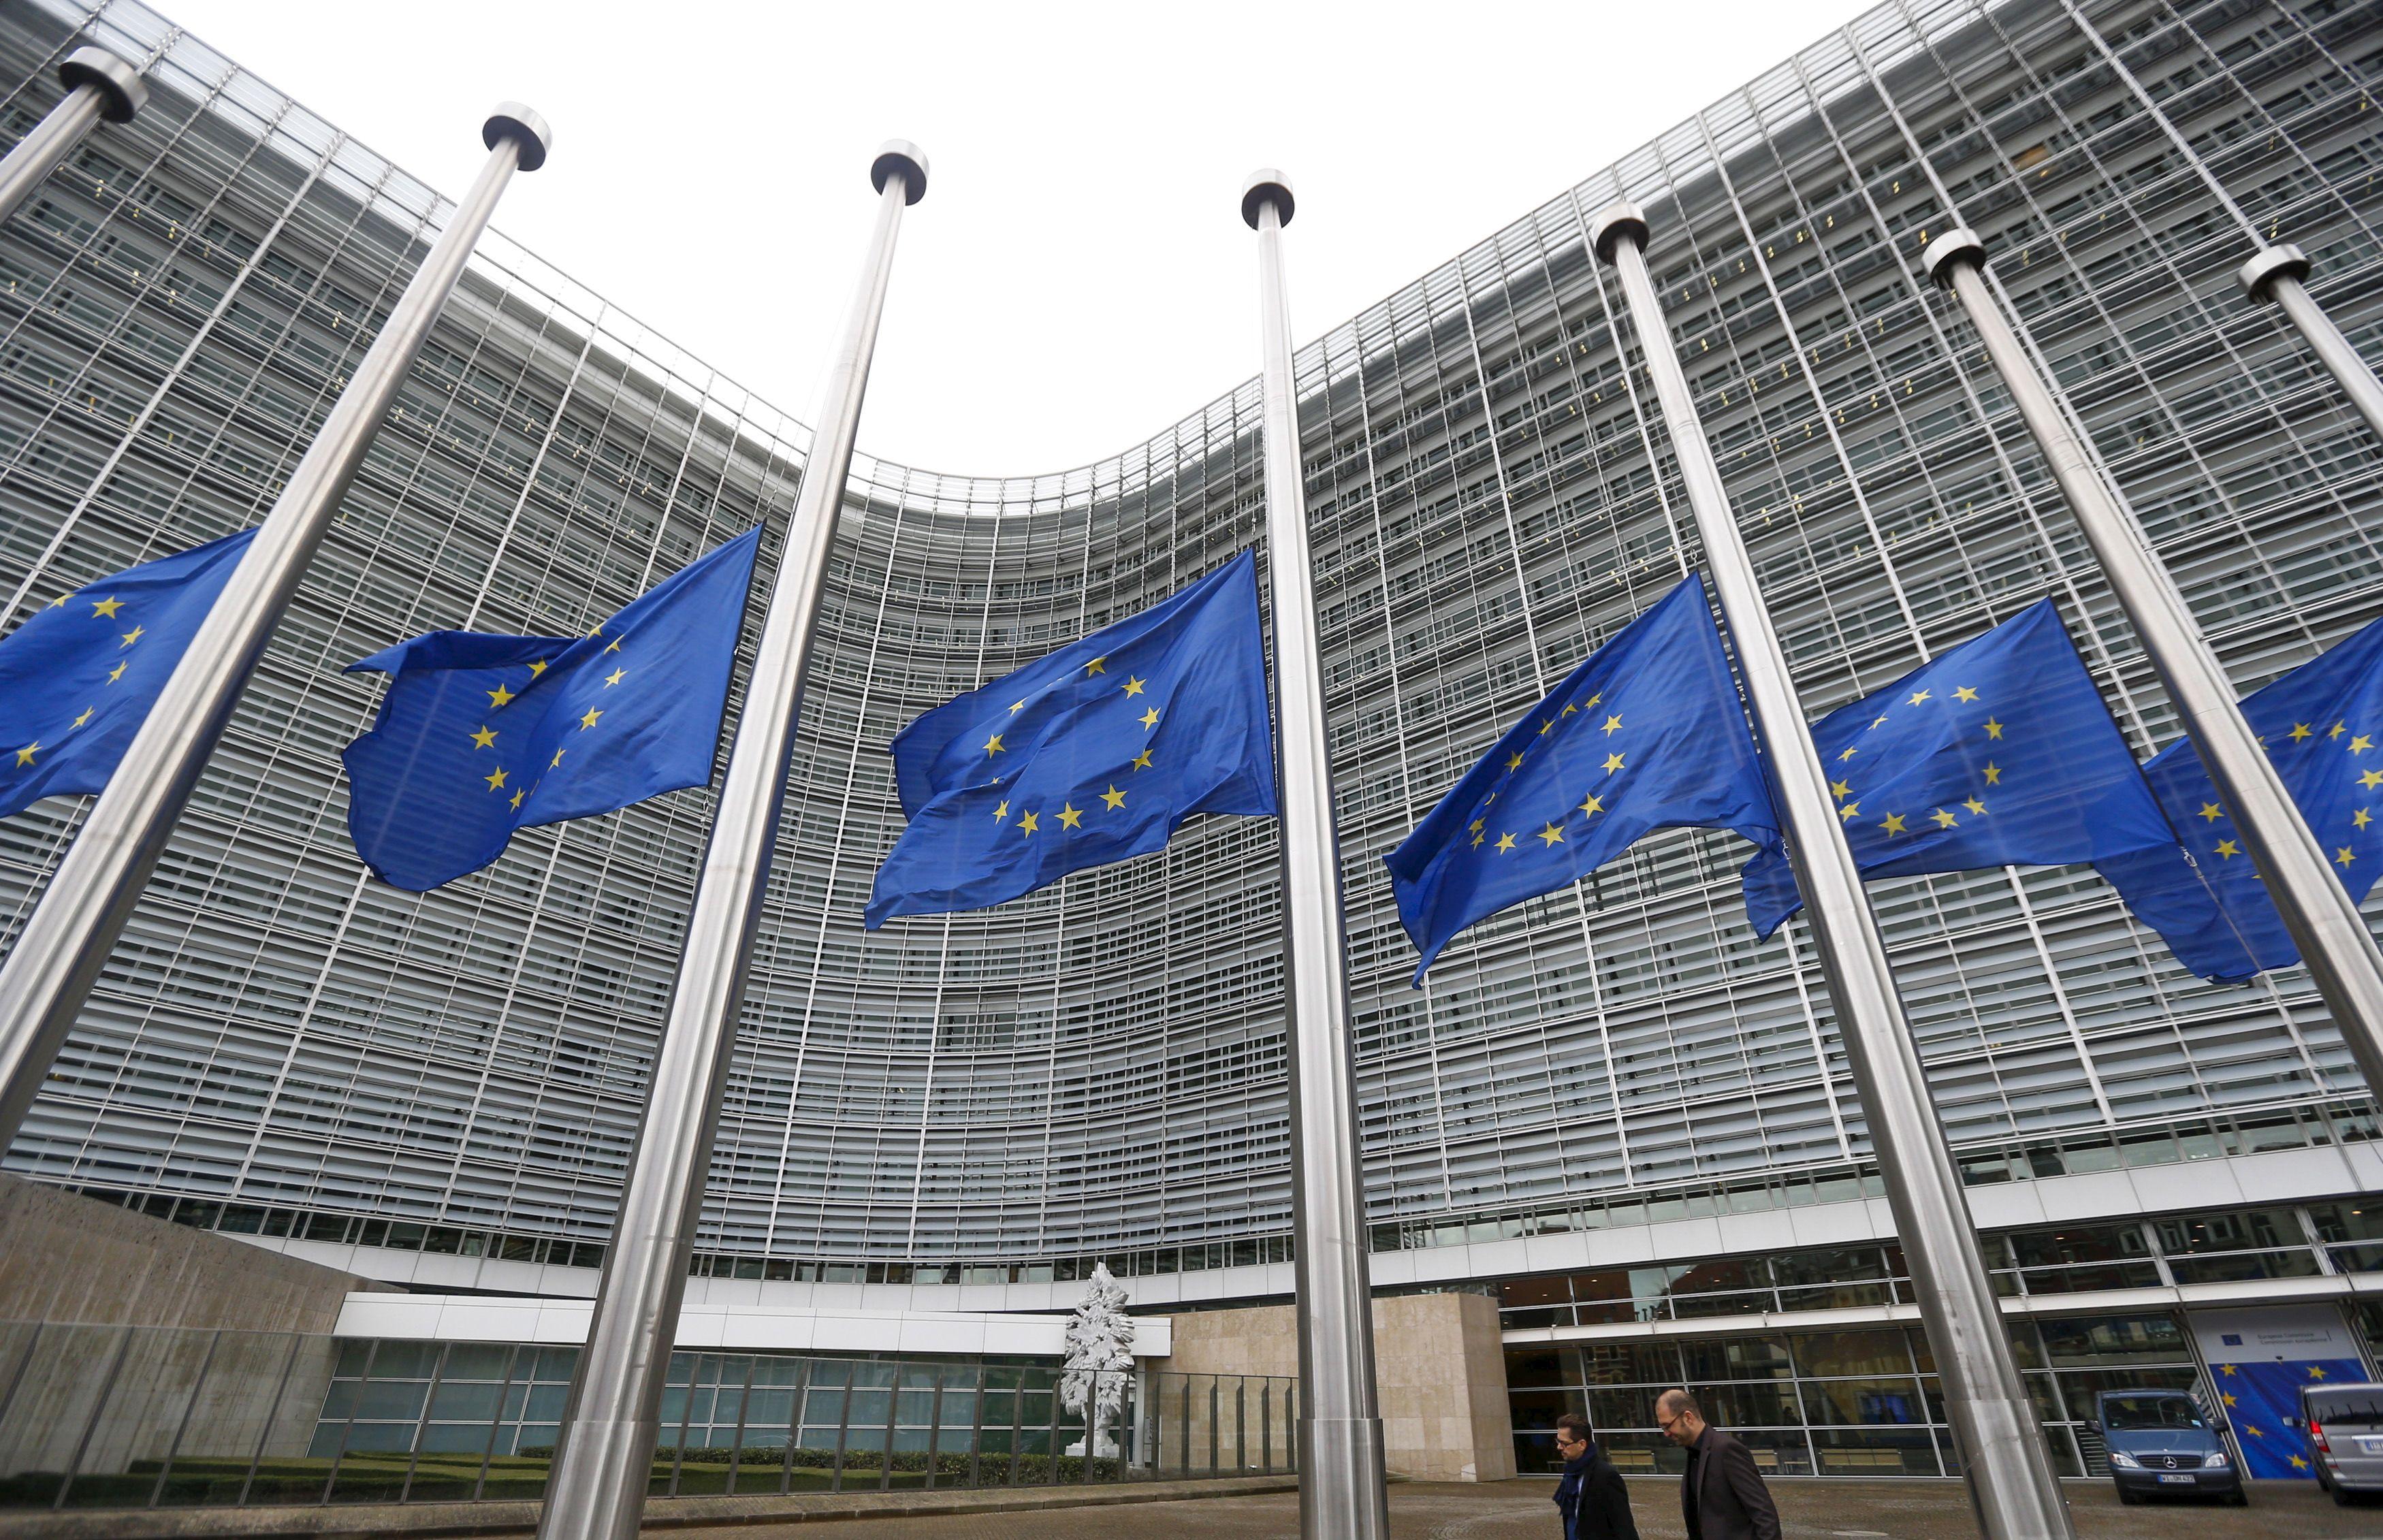 Oubliez le Brexit : l'Europe va devoir affronter son octobre rouge